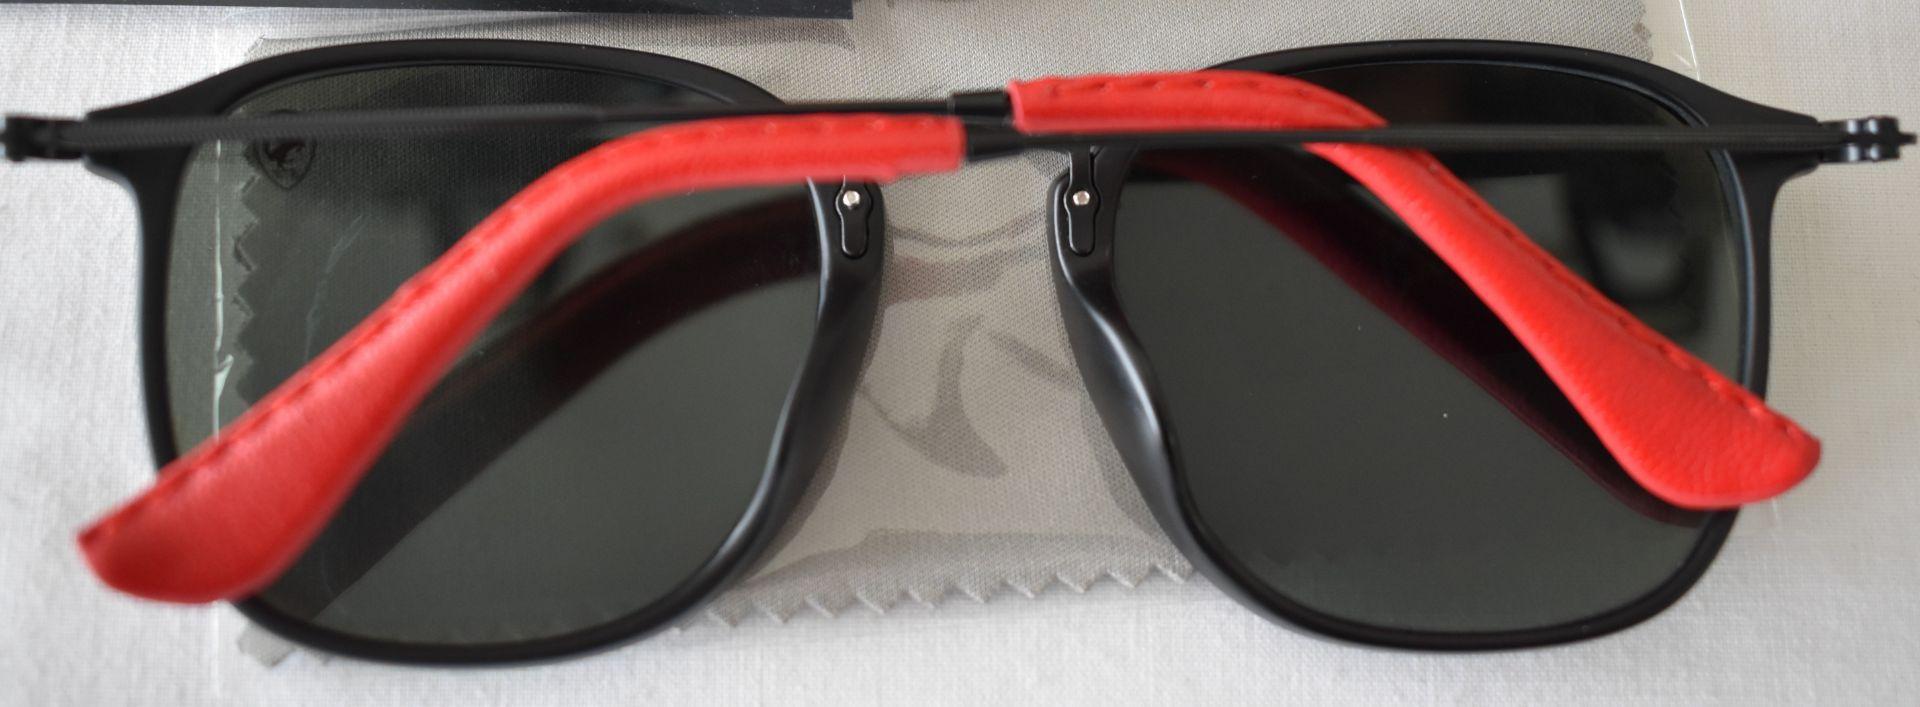 Ray Ban Sunglasses(Ferrari) ORB2448N 614/30 *3N - Image 3 of 4